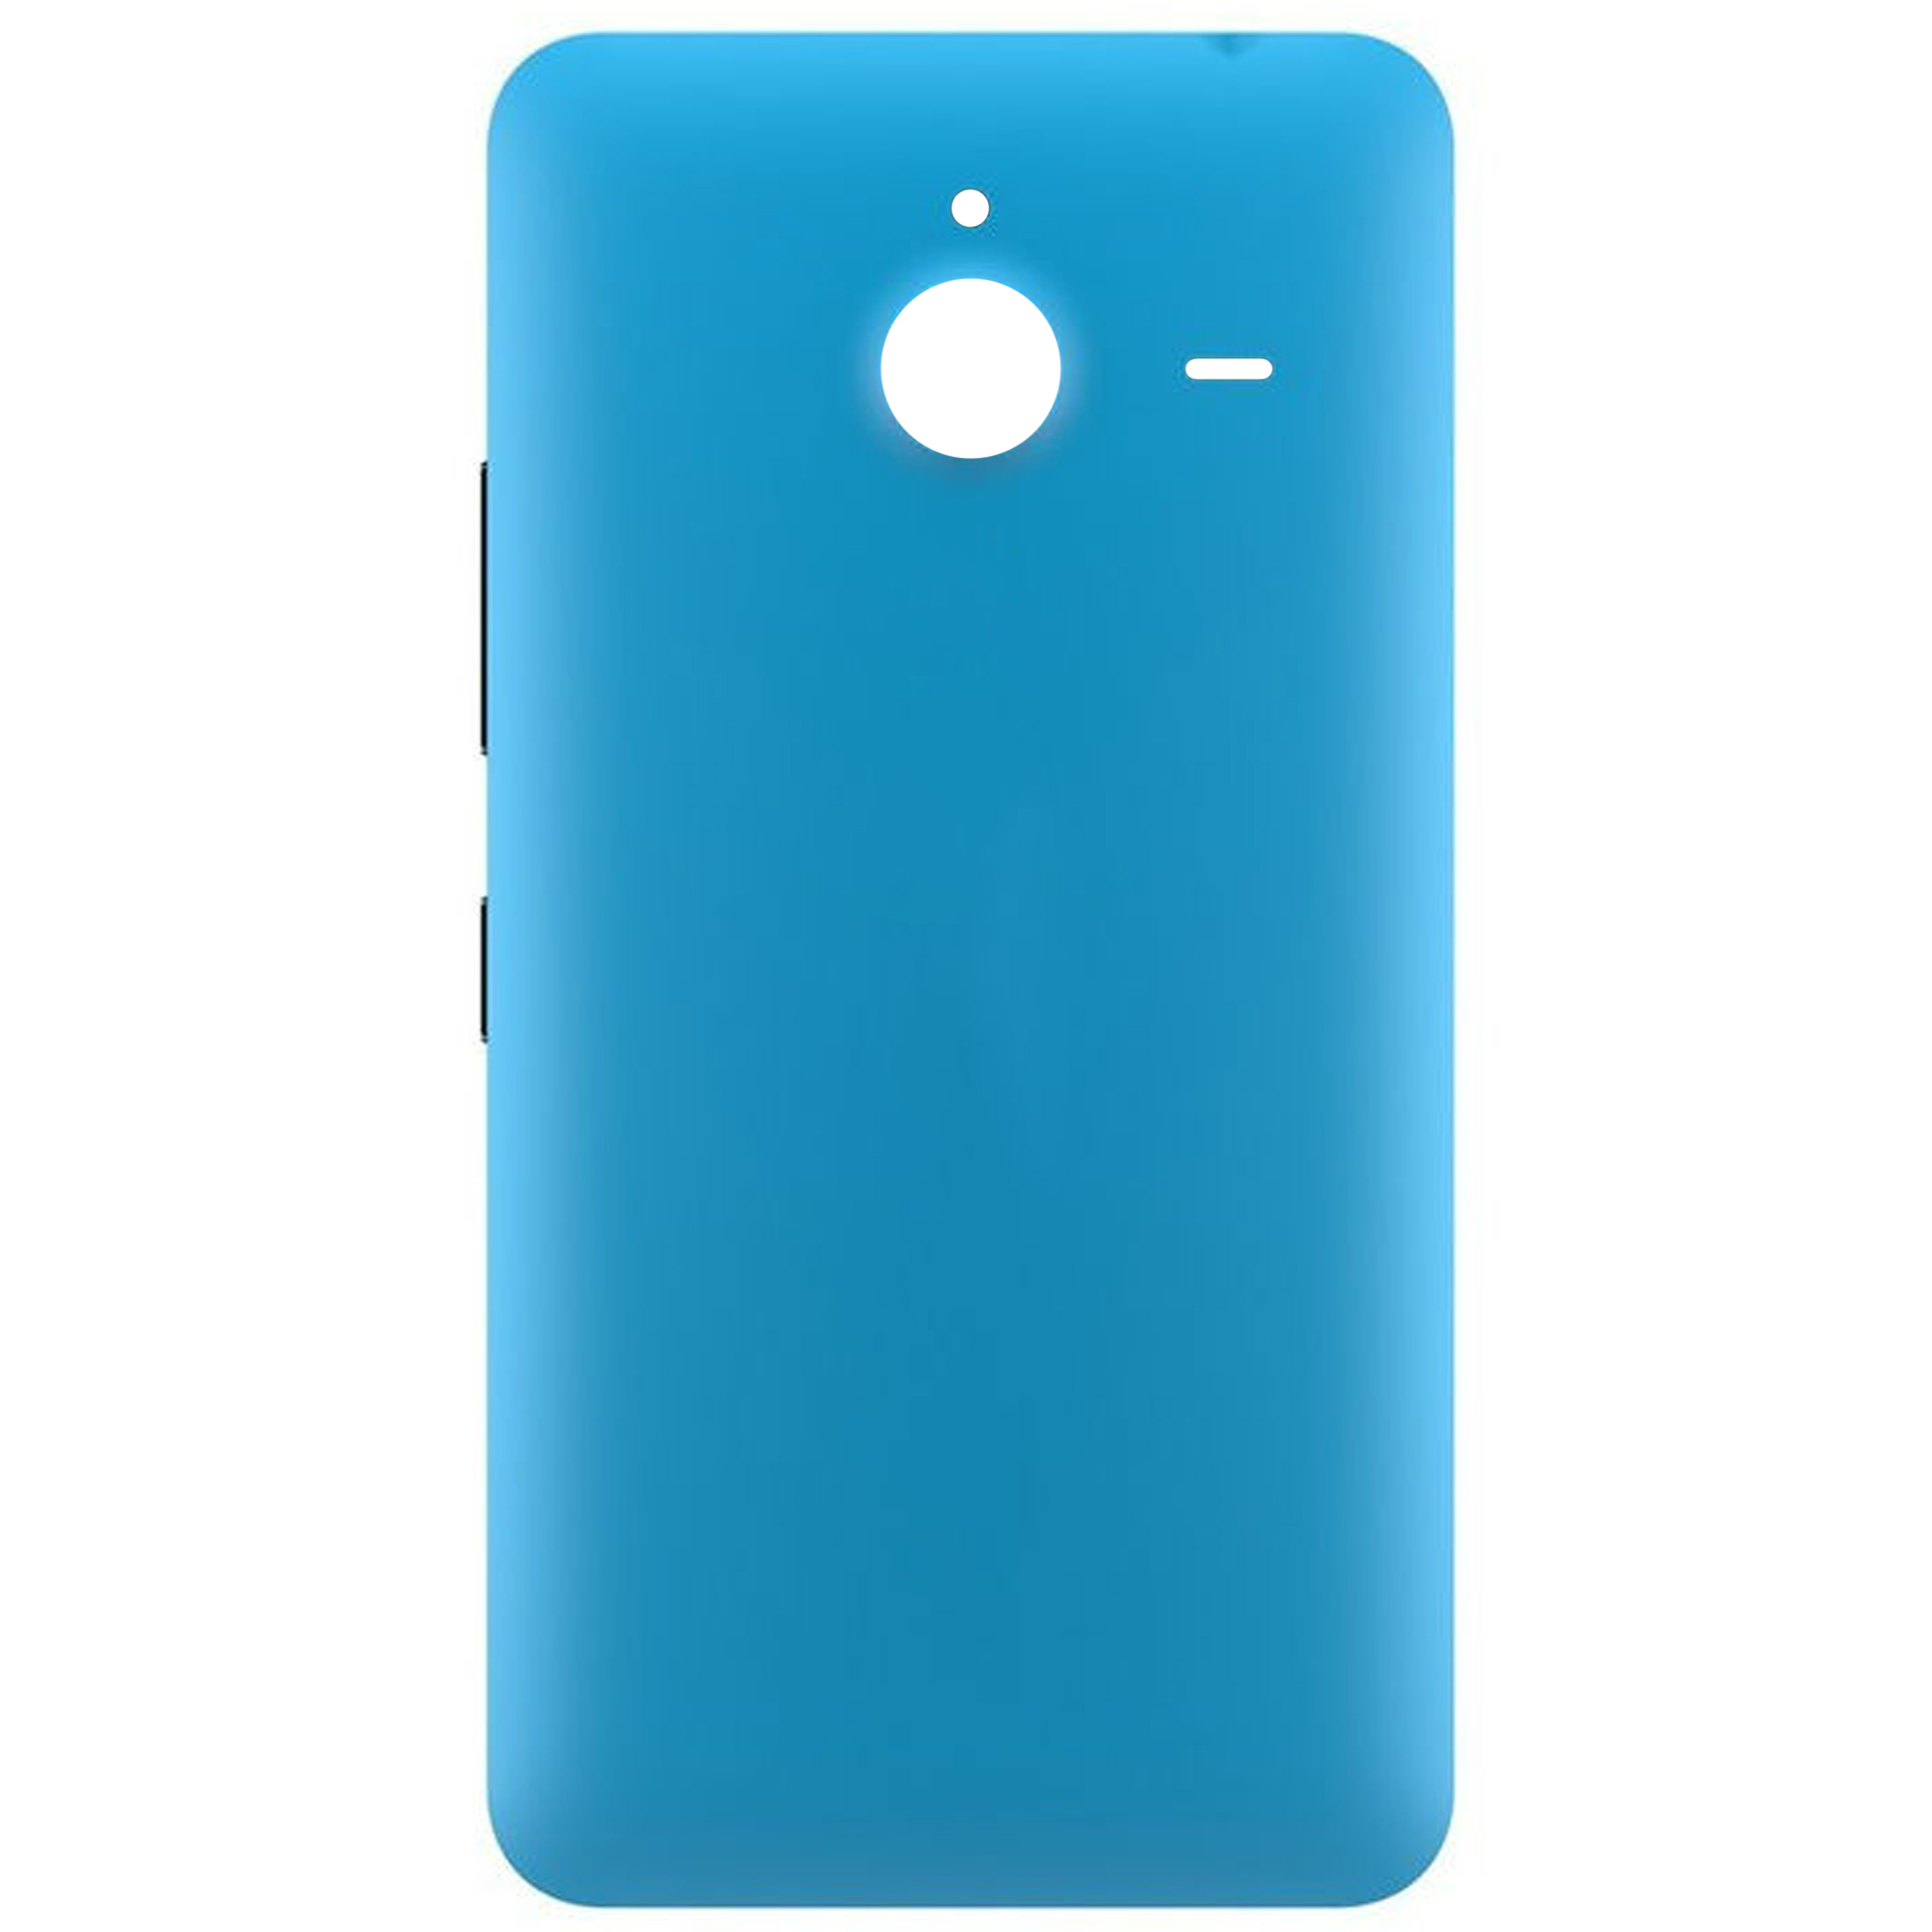 در پشت گوشی مدل BK-02 مناسب برای گوشی موبایل مایکروسافت Lumia 640 XL